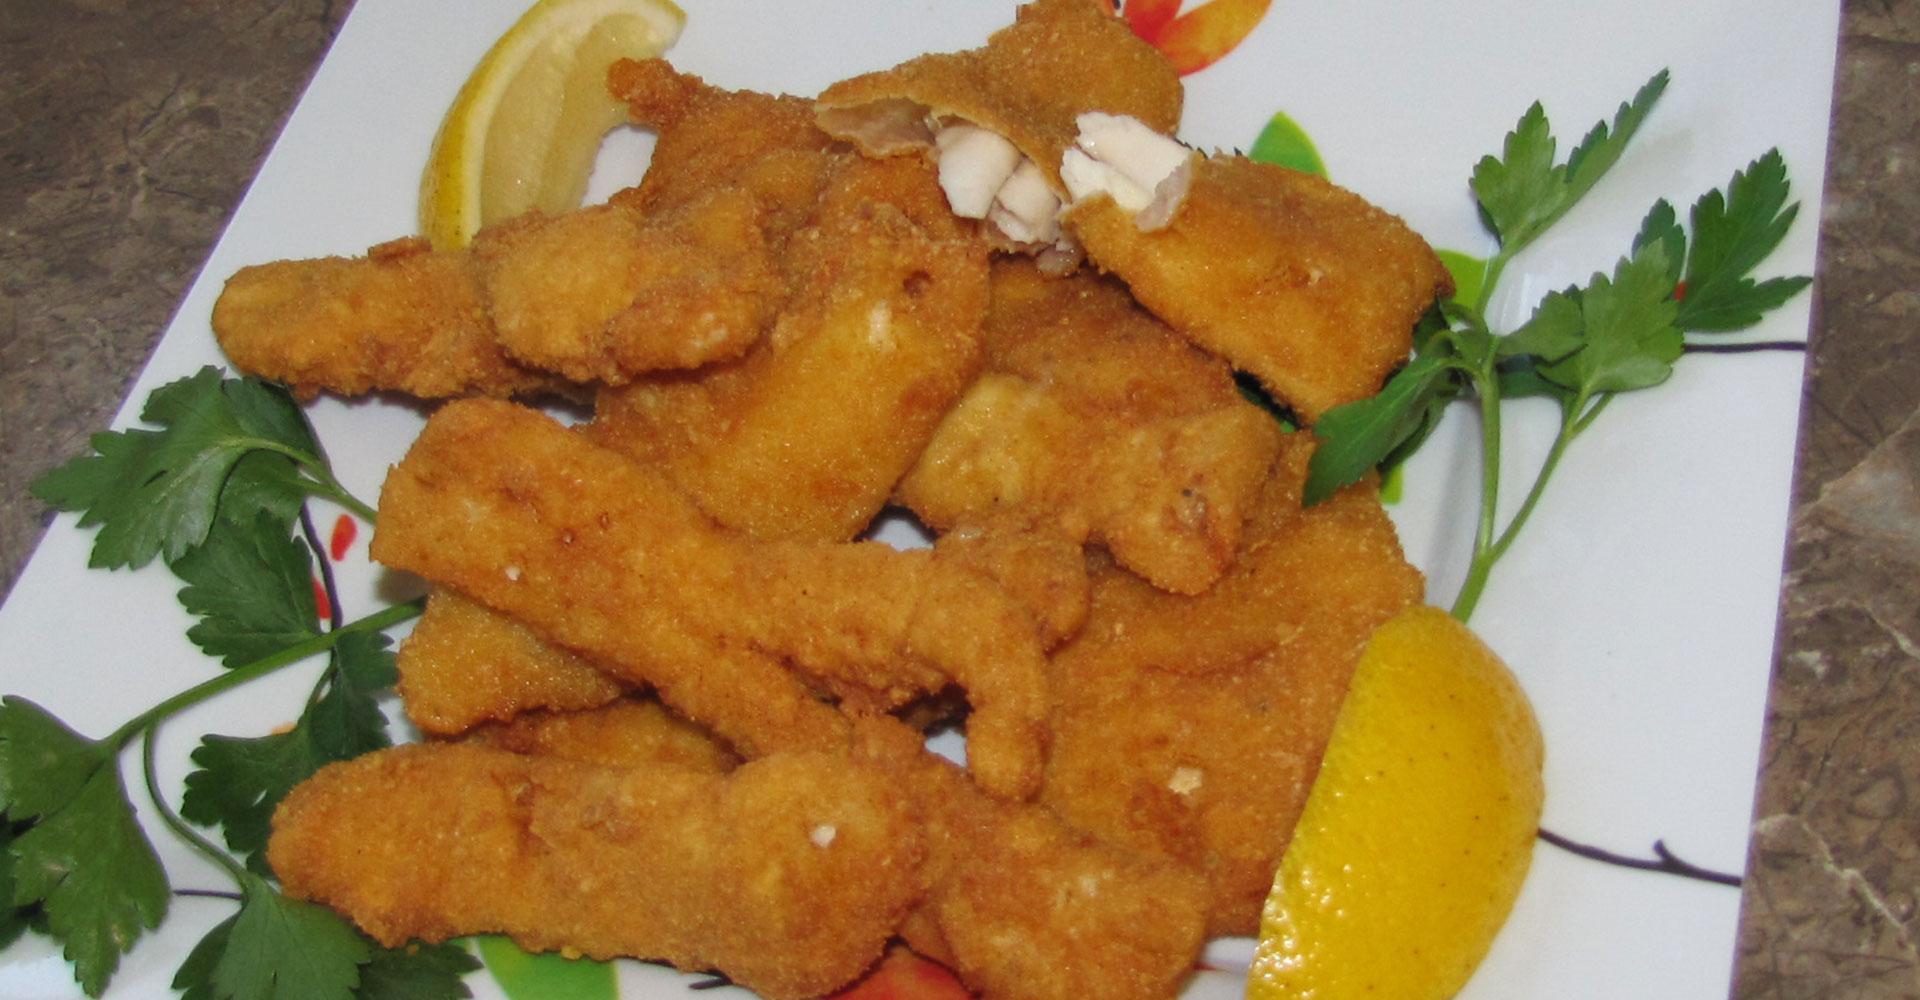 TastyFishBlog